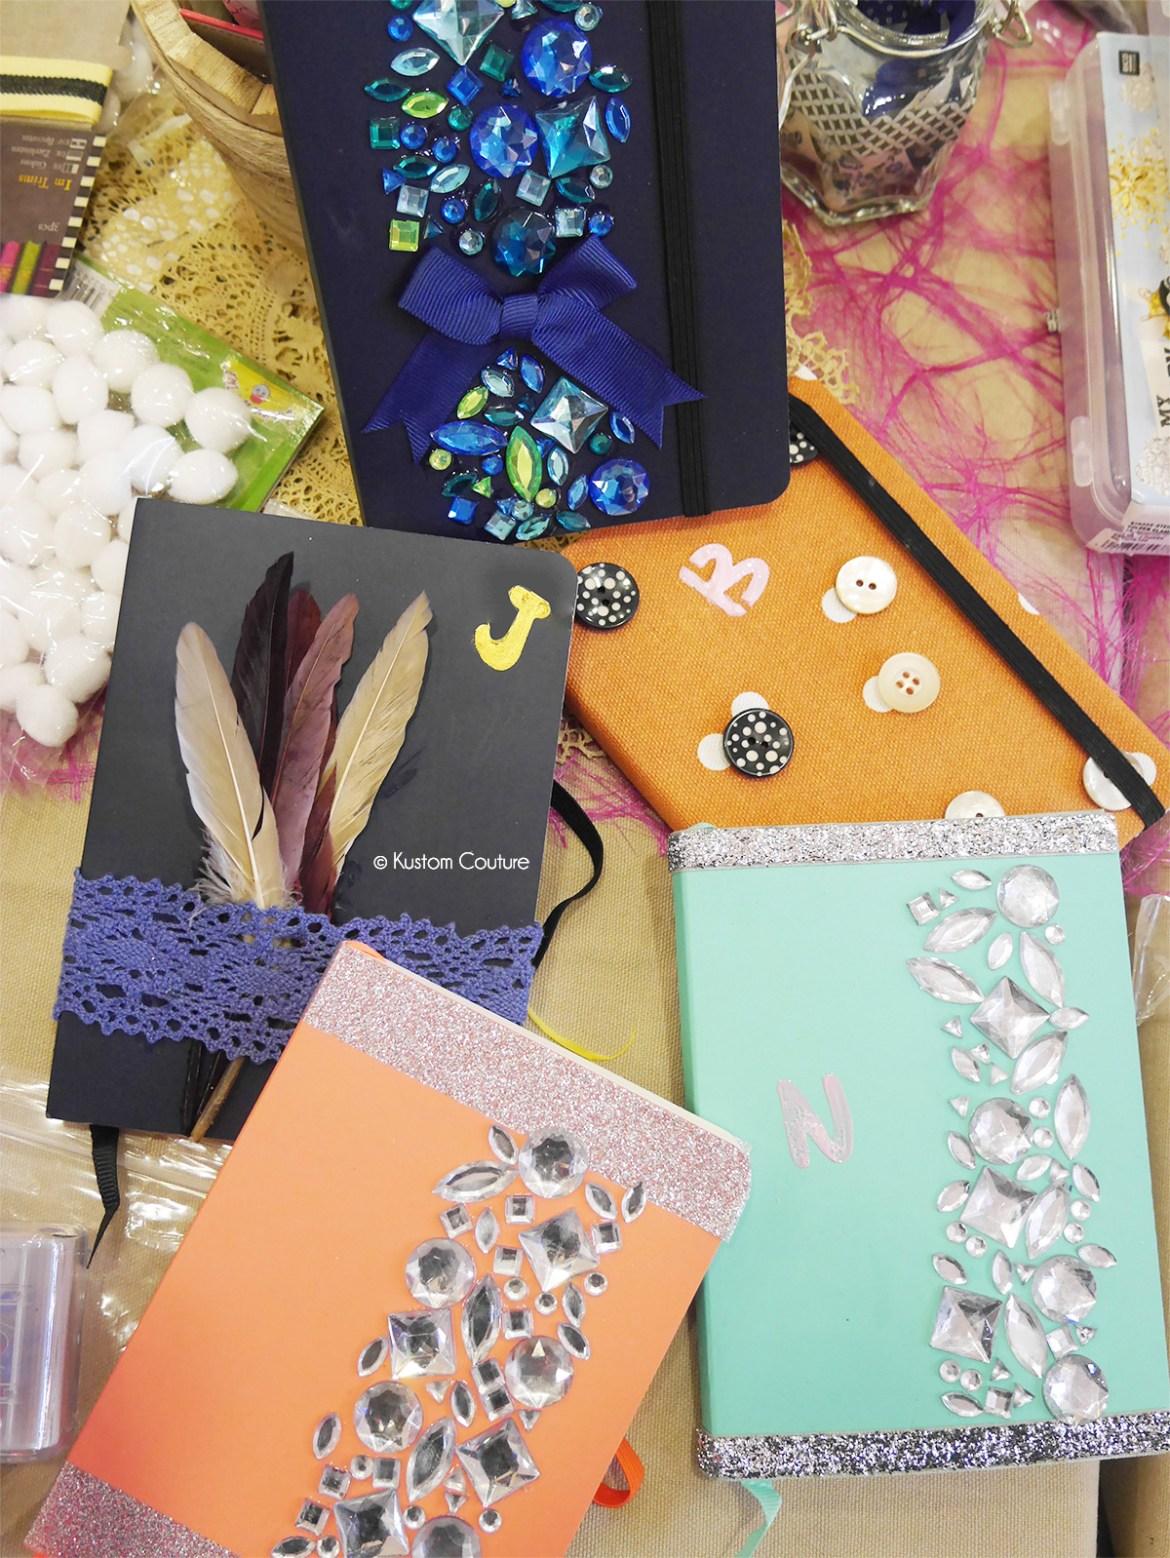 Idée cadeau DIY | Carnets personnalisés | Kustom Couture